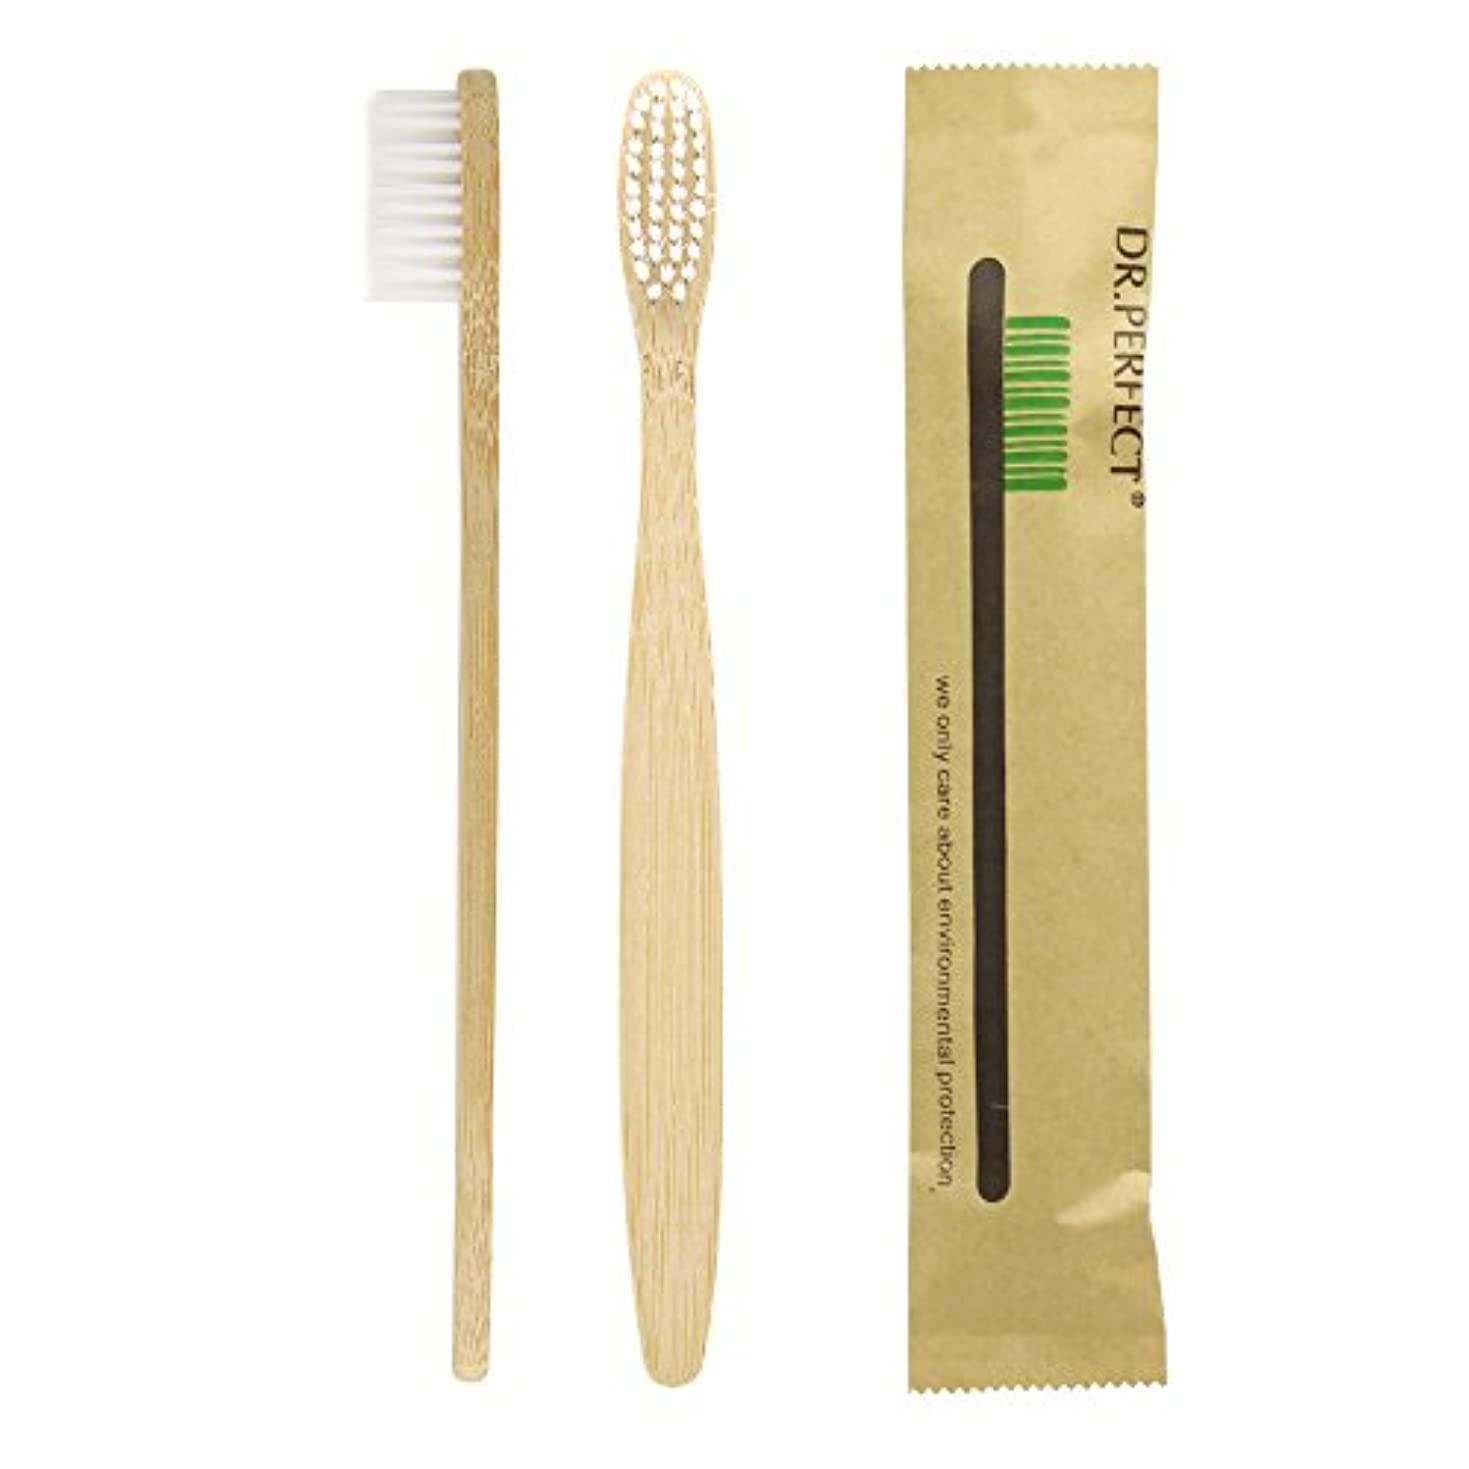 後降伏汚れたDr.Perfect 歯ブラシ竹歯ブラシアダルト竹の歯ブラシ ナイロン毛 環境保護の歯ブラシ (ホワイト)